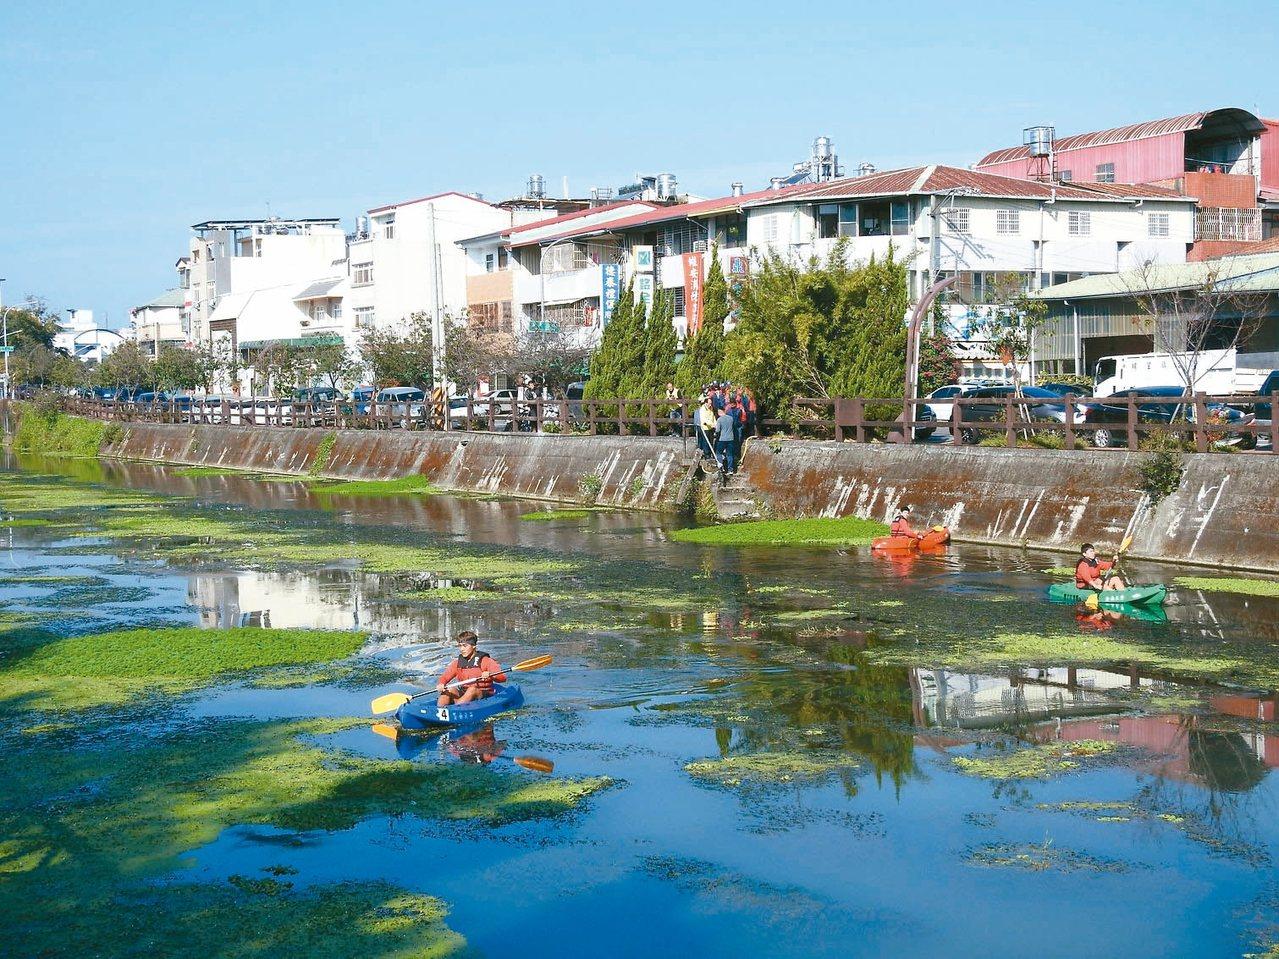 埔里镇公所积极整治杷城疏洪道,盼打造「台湾的左岸咖啡」。 记者赖香珊/摄影